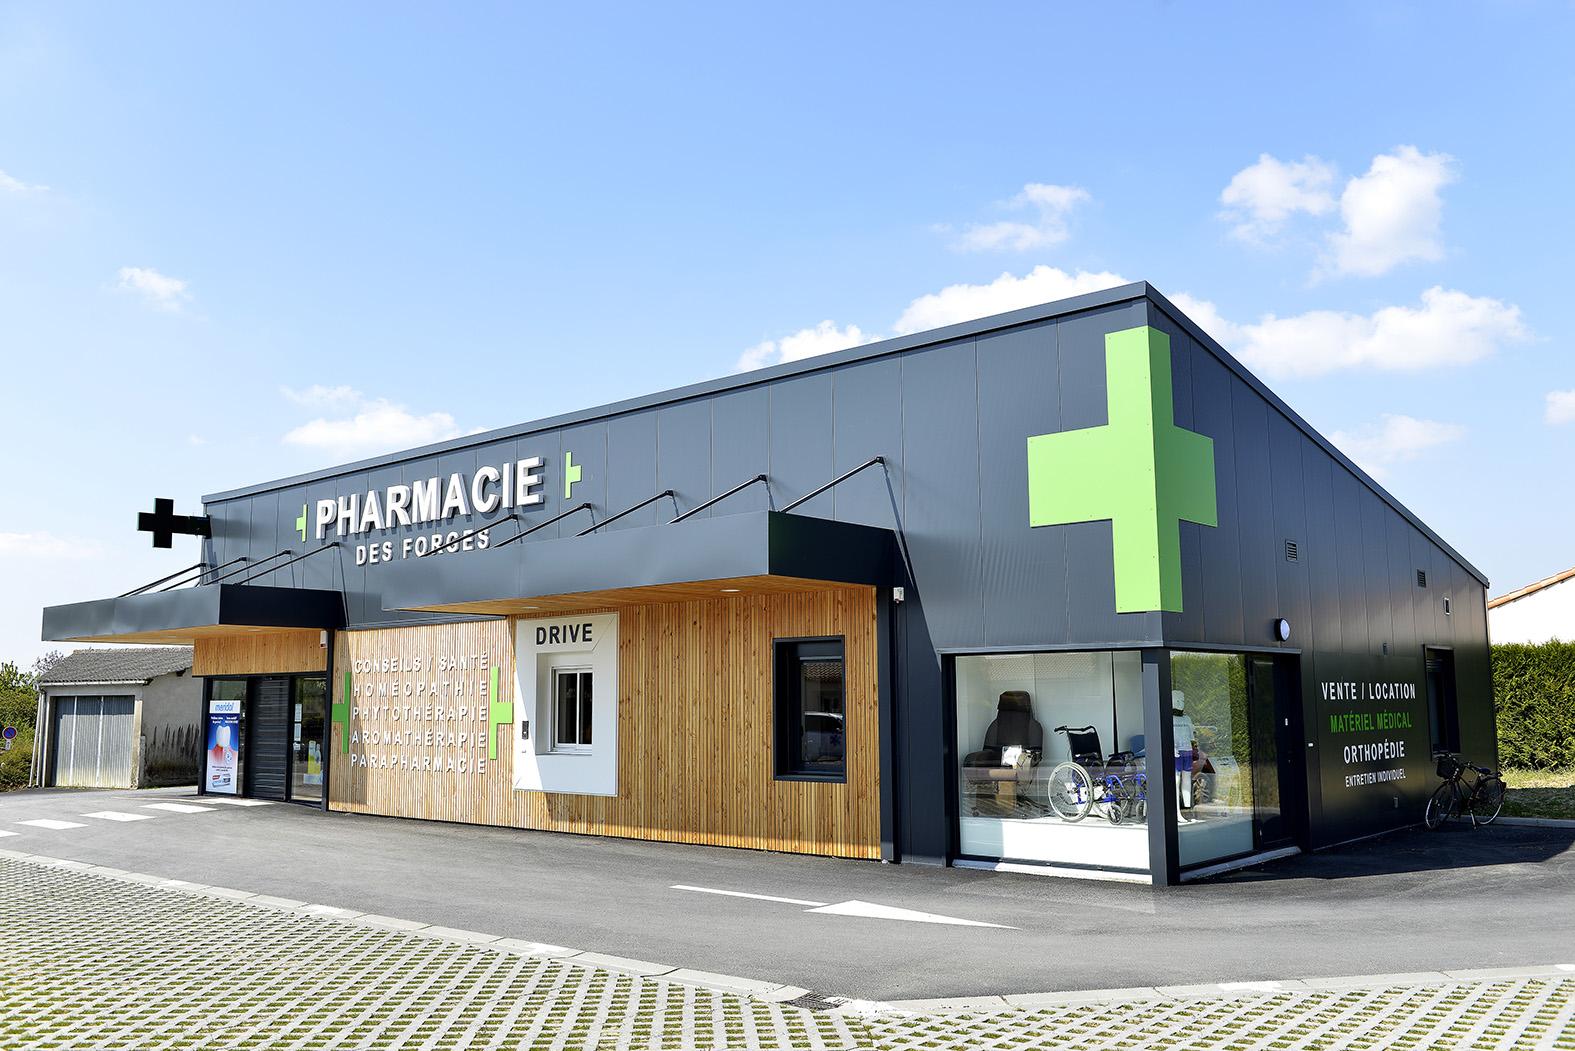 Agencement de pharmacie Mobil M façade pharmacie